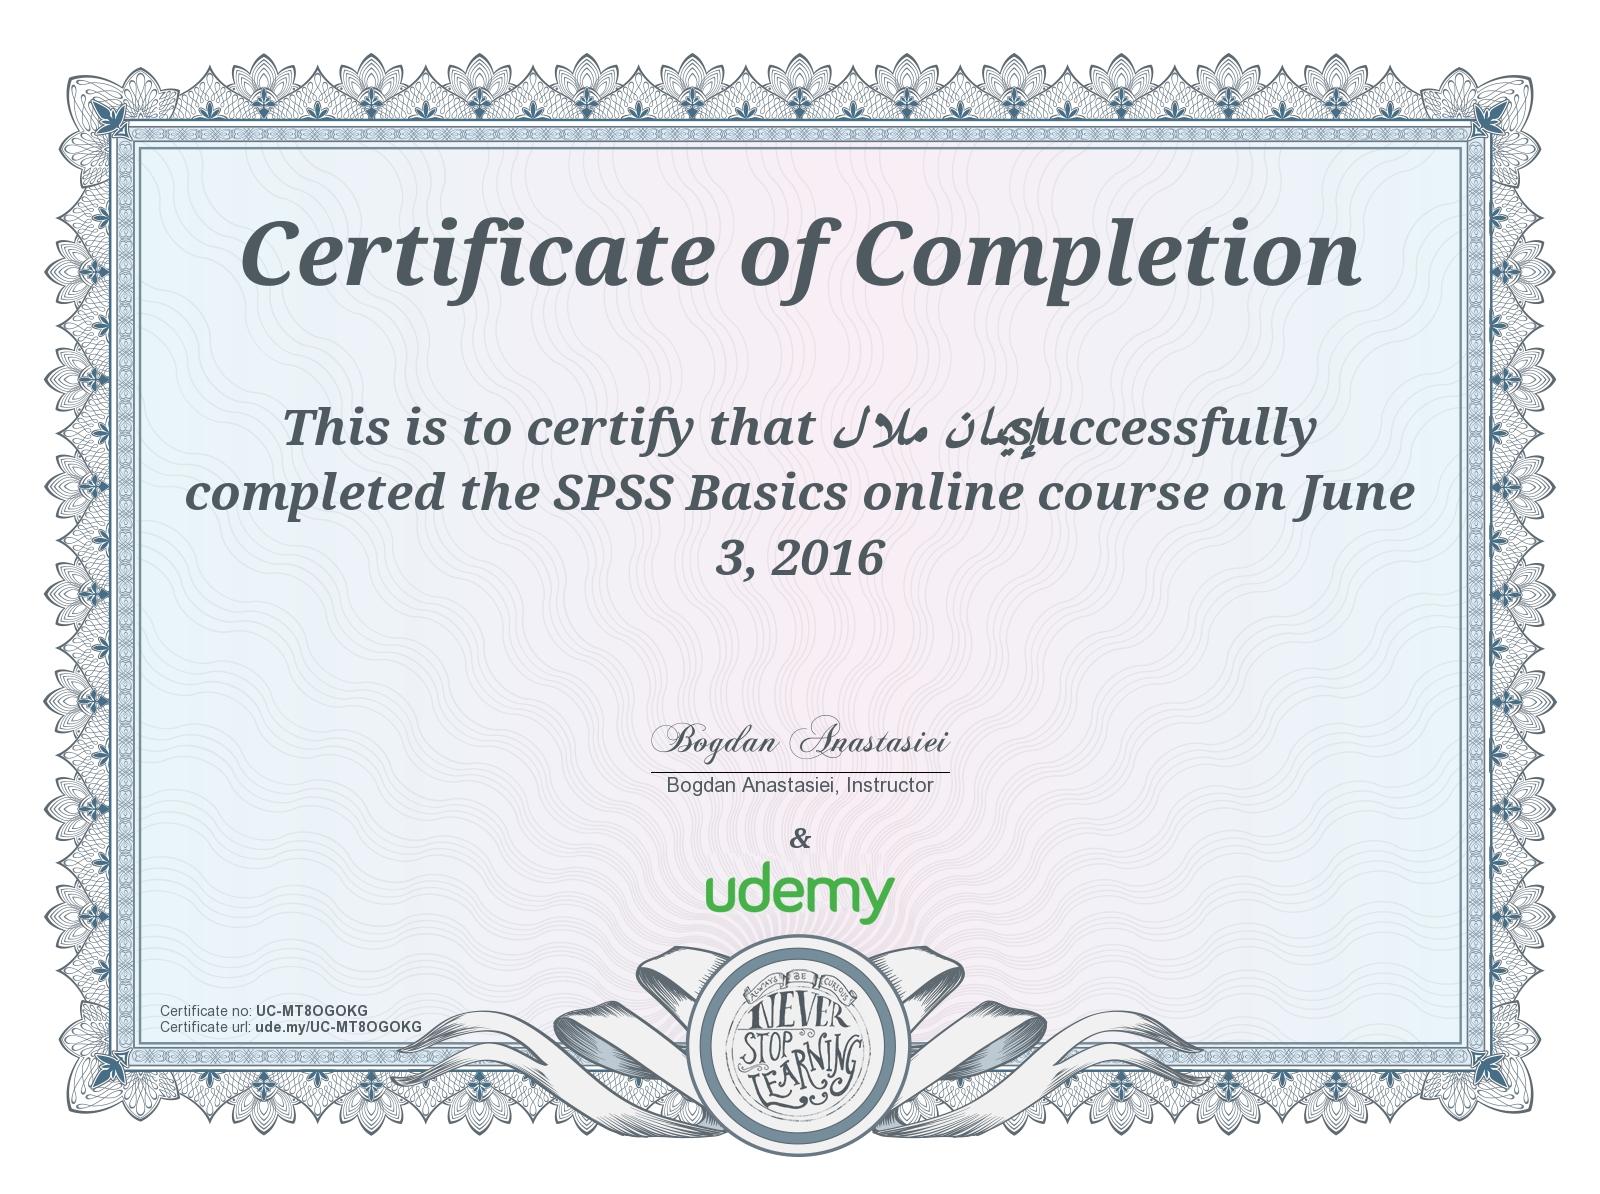 E Certificates - Best Design Sertificate 2018